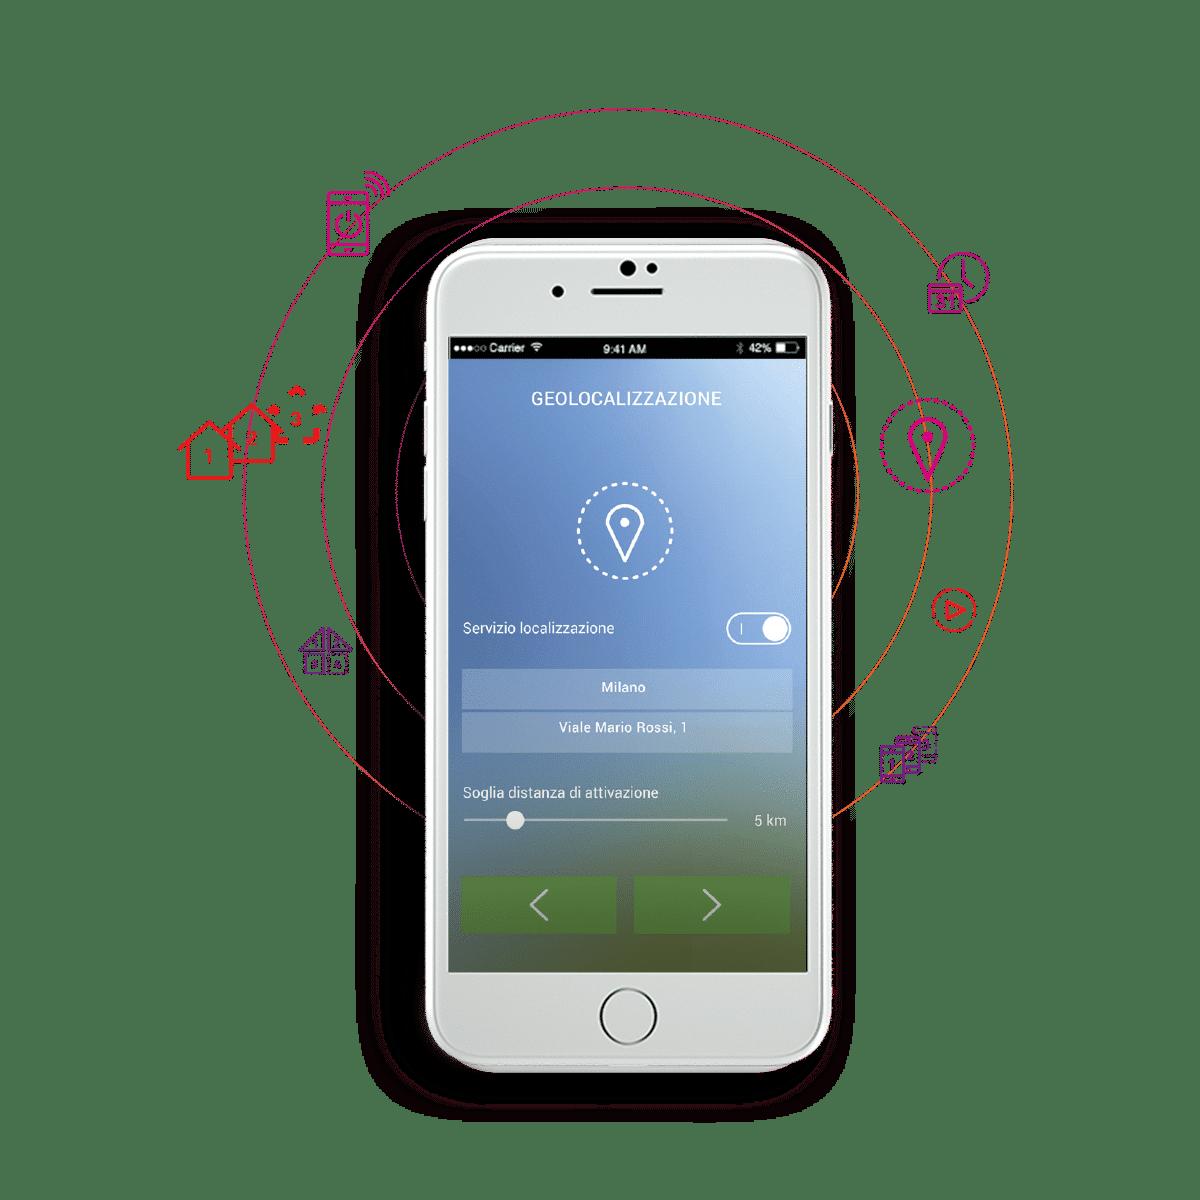 NUOVE FUNZIONALITÀ GESTIBILI DAL TUO SMARTPHONE